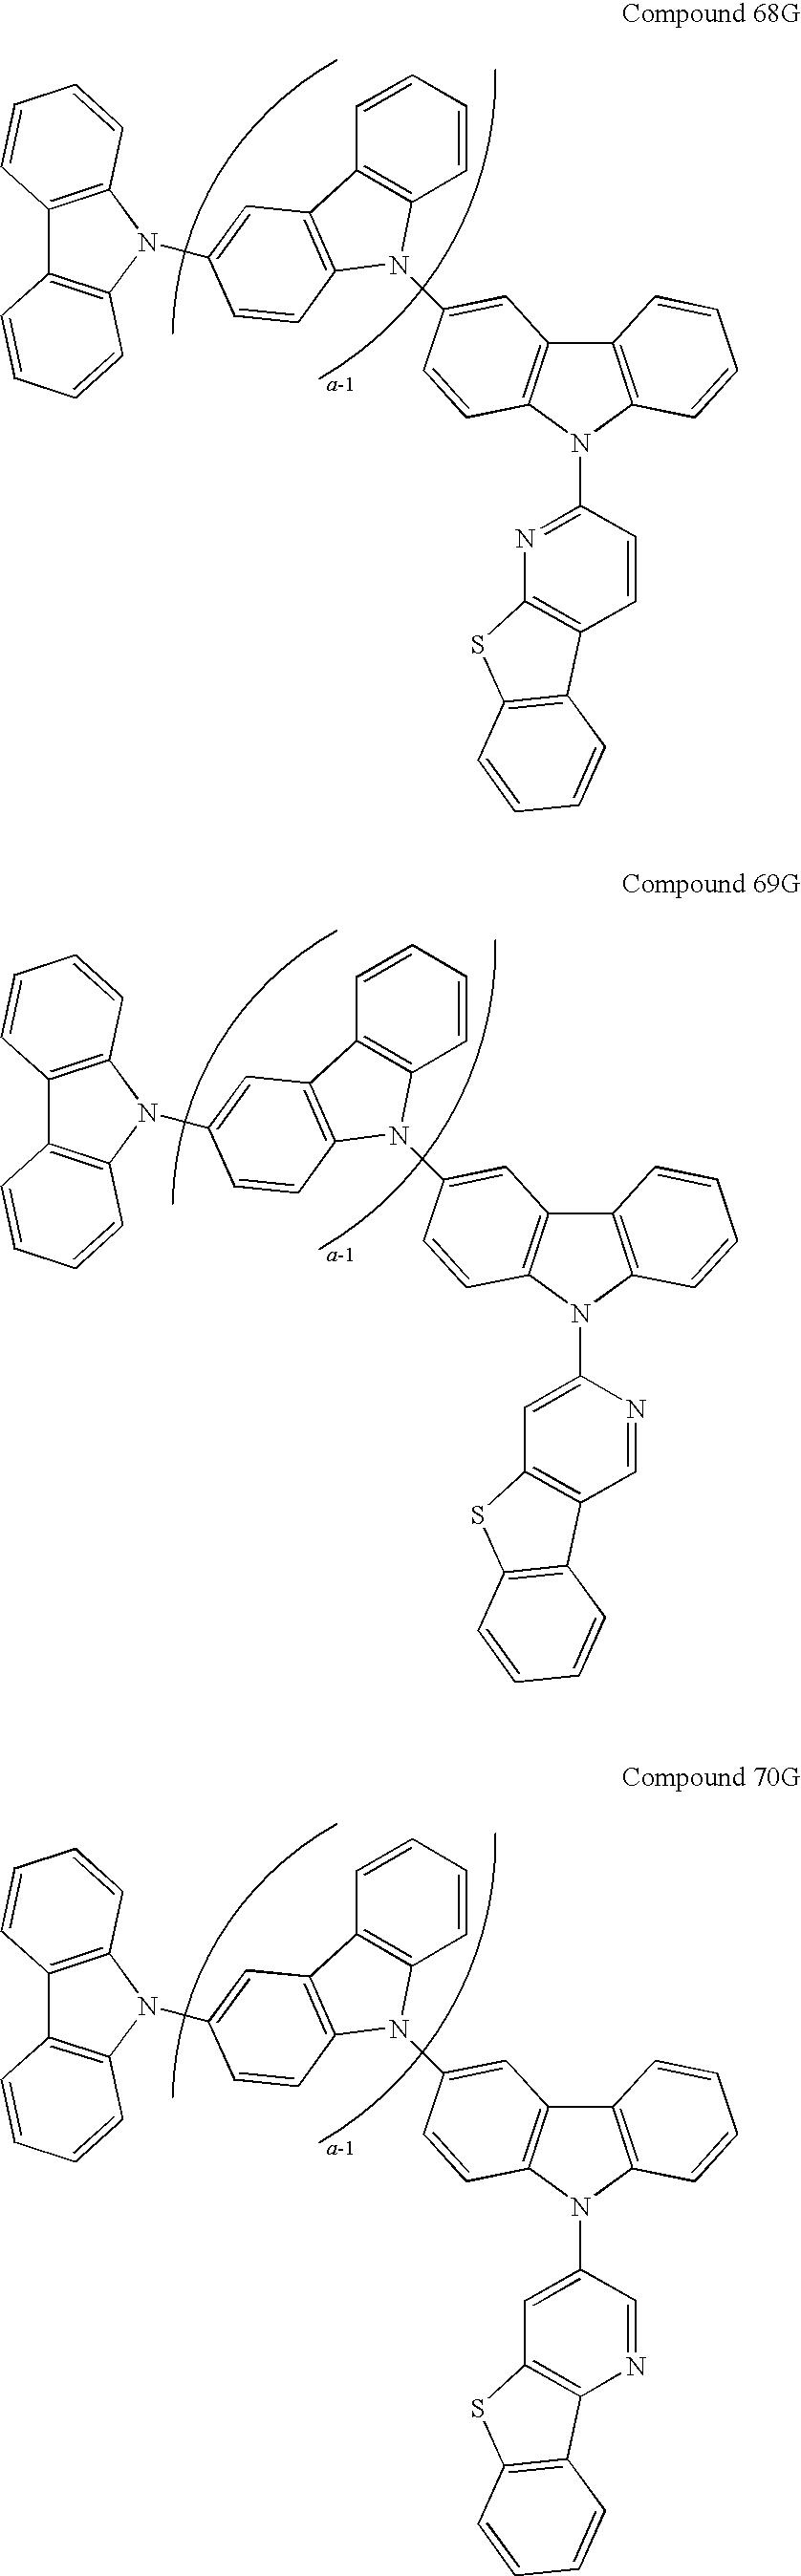 Figure US20090134784A1-20090528-C00178